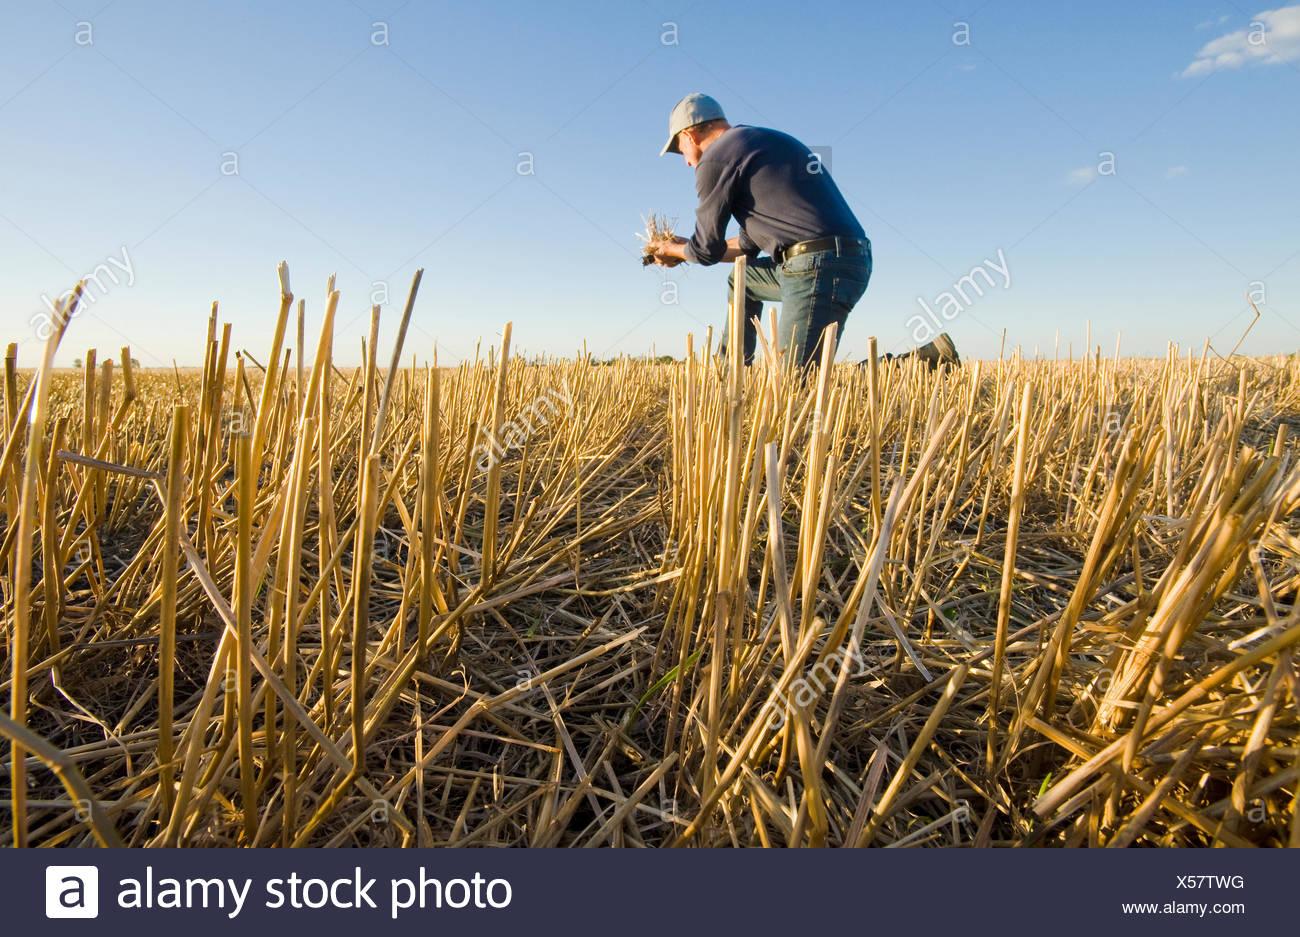 Fermier dans un champ de chaume de céréales près de Winnipeg, Manitoba, Canada Photo Stock